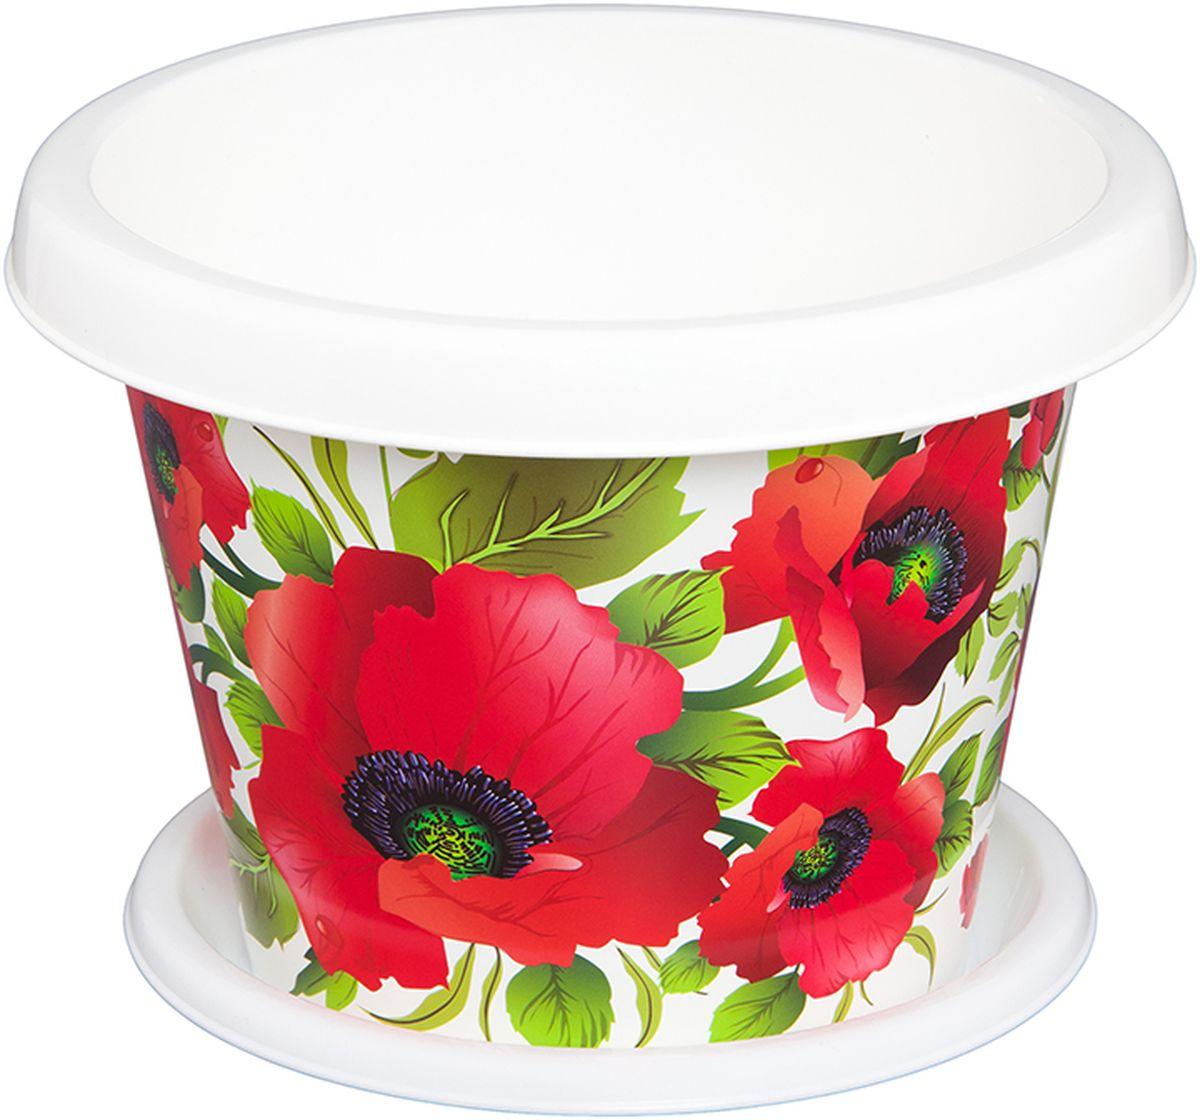 Кашпо Violet Маки, с поддоном, 4 л531-109Кашпо Violet изготовлено из высококачественного пластика. Специальный поддон предназначен для стока воды. Изделие прекрасно подходит для выращивания растений и цветов в домашних условиях. Лаконичный дизайн впишется в интерьер любого помещения.